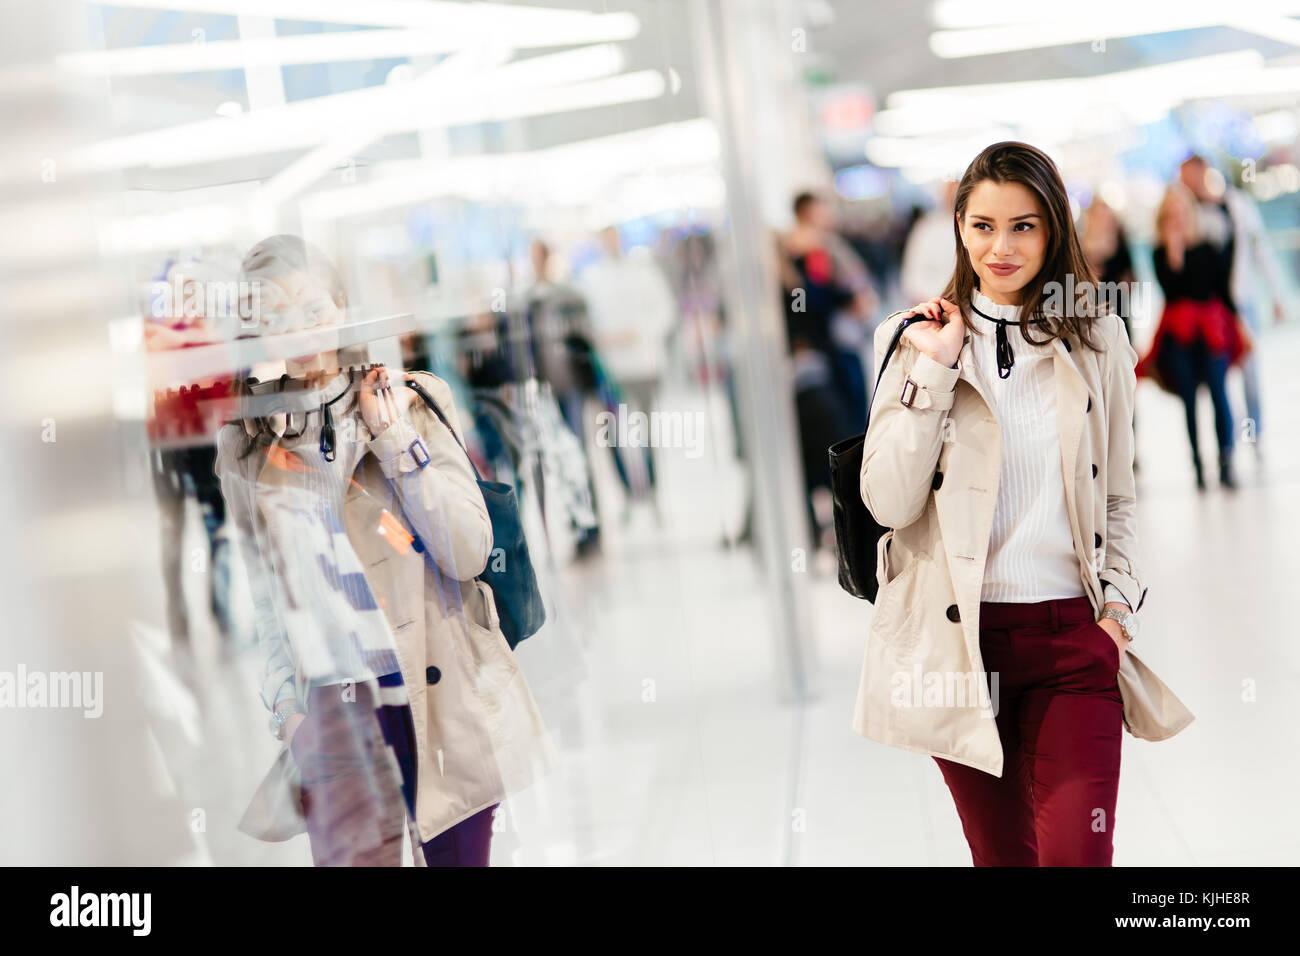 b2fd1cfc13 Bella mujer comprando ropa Foto   Imagen De Stock  166341527 - Alamy